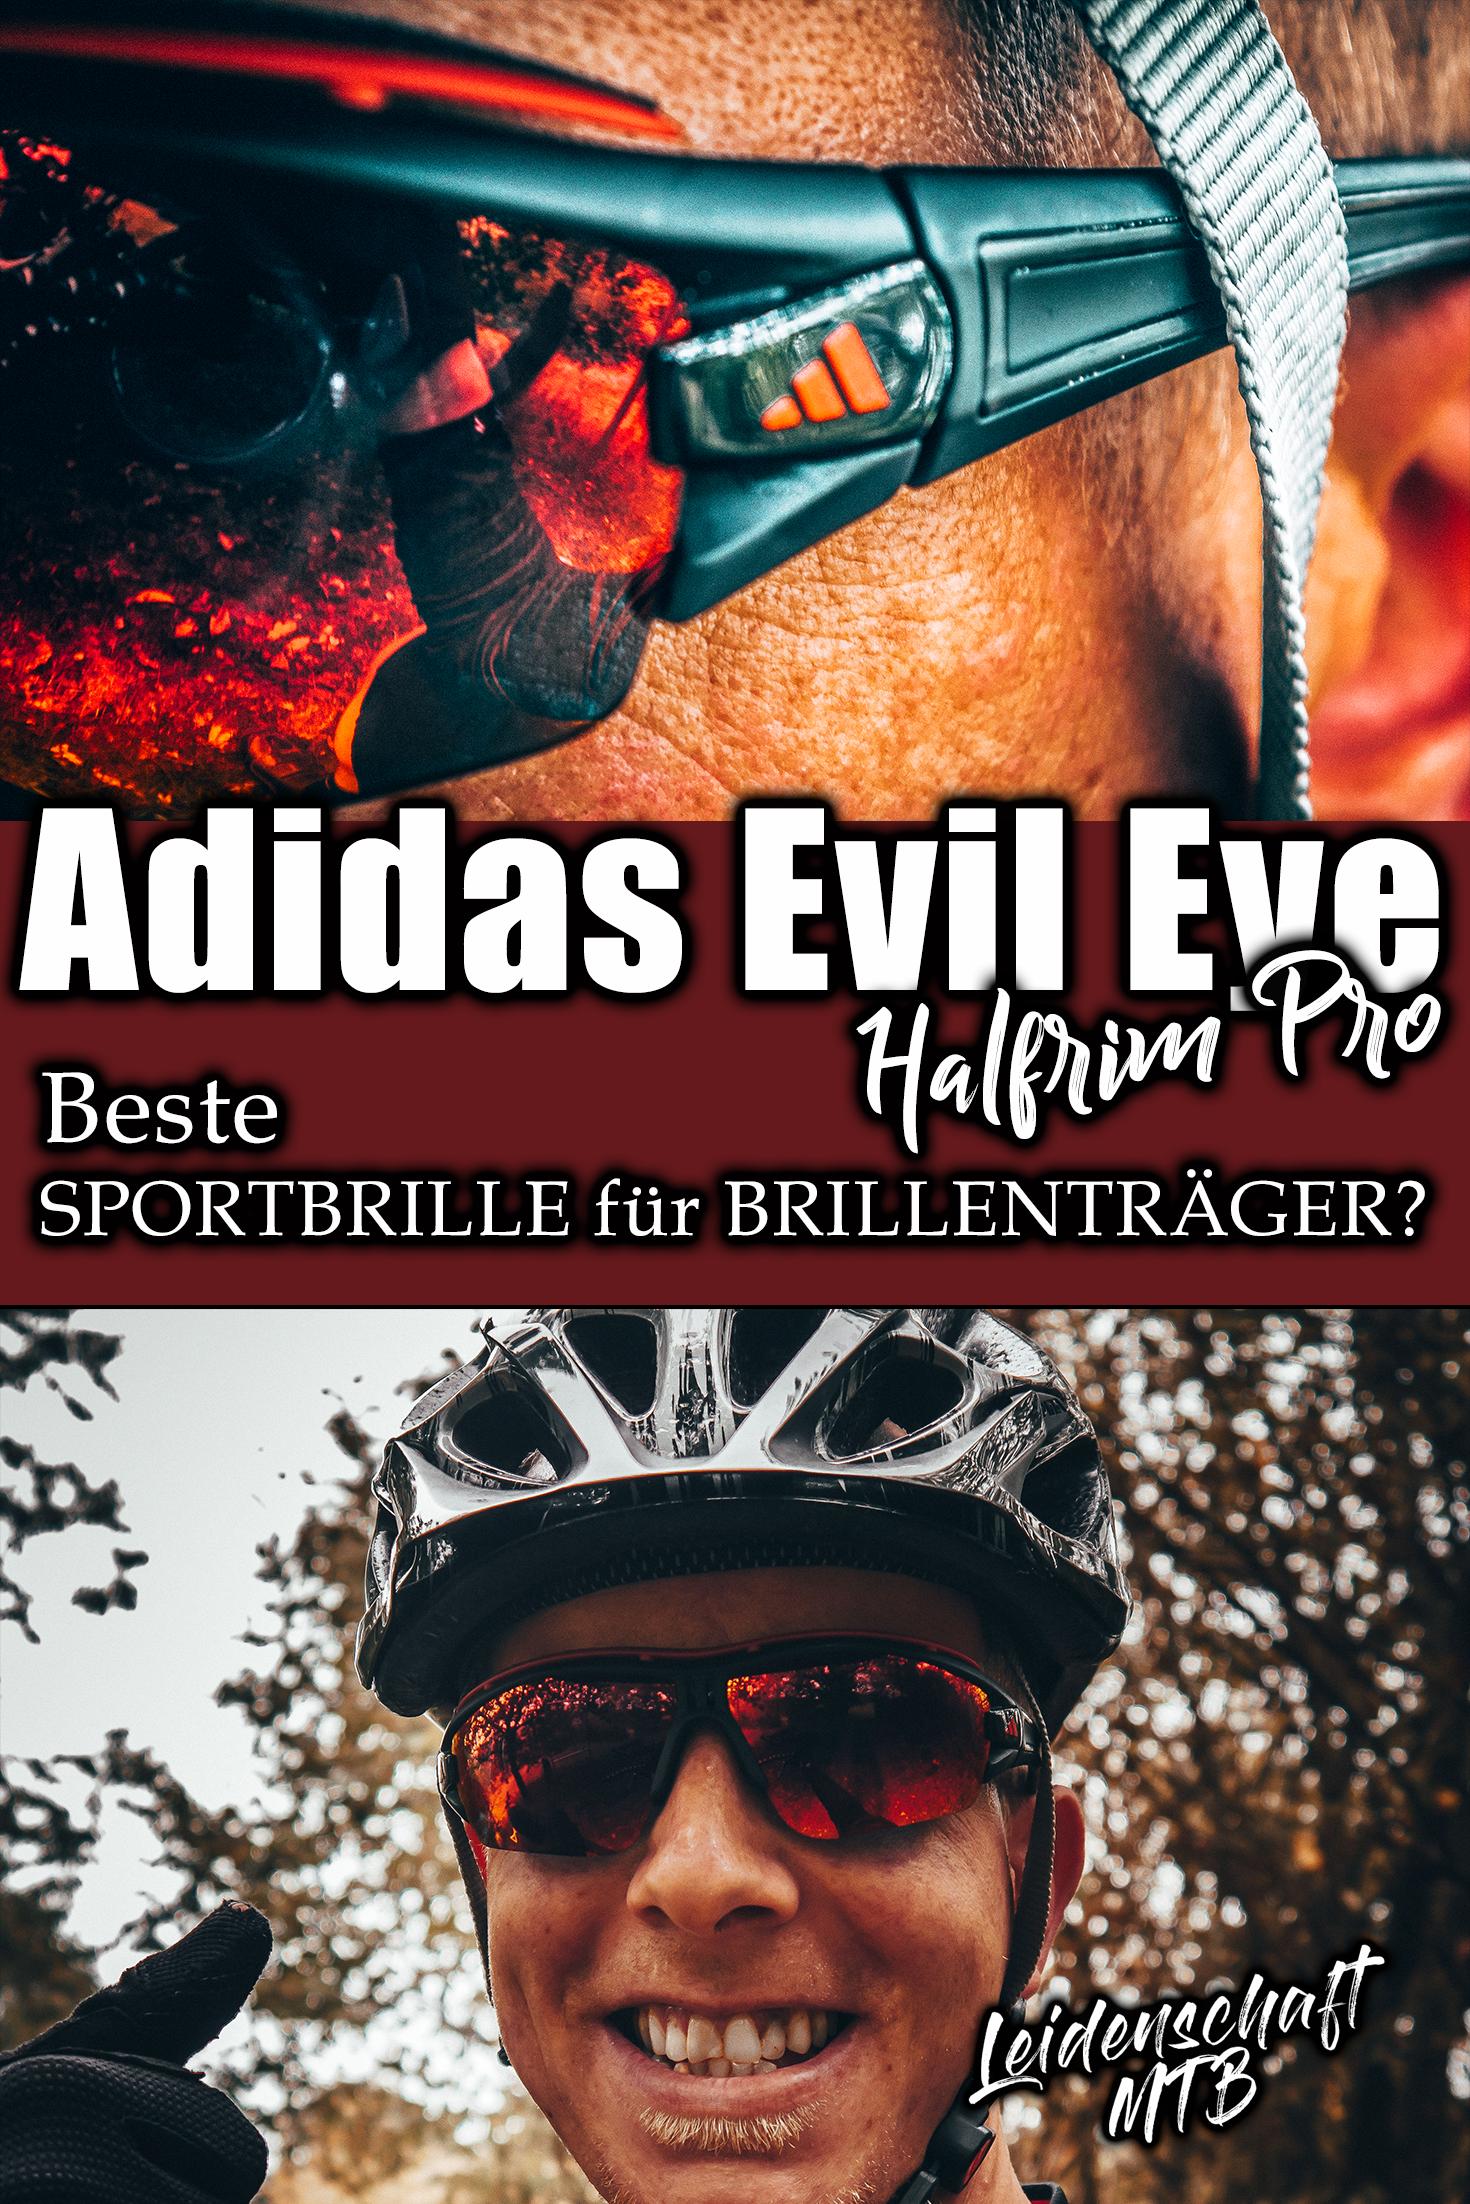 fahrradbrille für brillenträger test